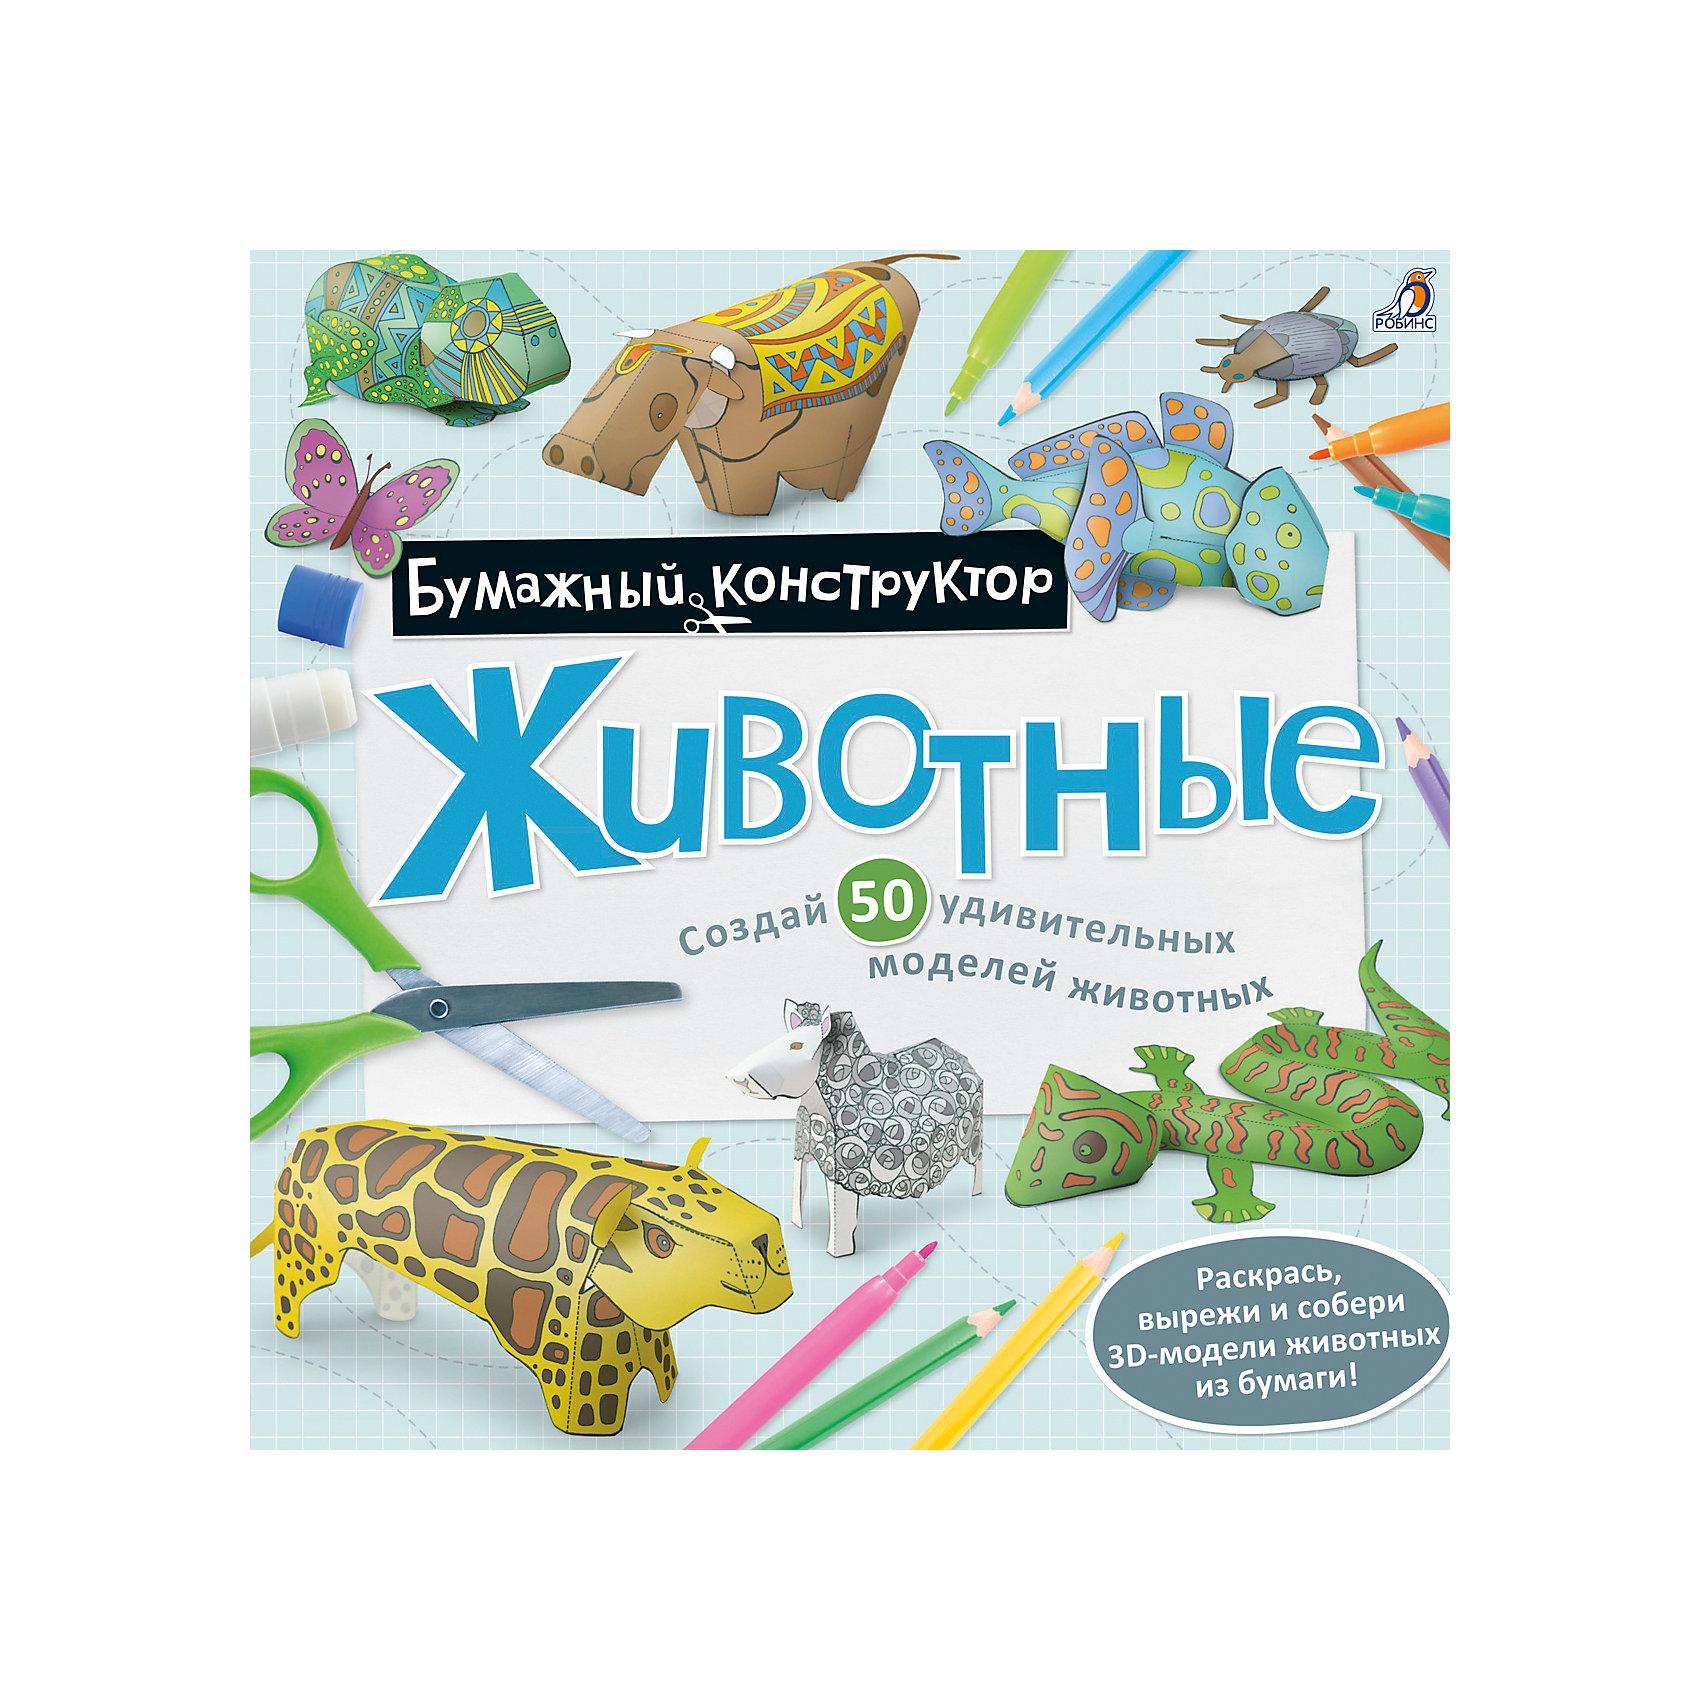 Раскраска-конструктор ЖивотныеРаскраски по номерам<br>Прояви настоящий дизайнерский талант, чтобы превратить обычную раскраску в яркие и красочные трёхмерные модели животных. Удивительные жуки, необыкновенные бабочки, ящерицы, черепахи, любимые домашние и дикие животные и даже самые опасные обитатели океанов ждут тебя на страницах этой книги.<br>Используй своё воображение и создай неповторимый окрас для каждого животного с помощью карандашей и фломастеров, собери конструктор с помощью клея и оживи всех обитателей книги.<br>Создай и собери свой собственный 3D-зоопарк!<br>В этой книге вы найдёте отличные идеи для творчества, модели конструктора и 50 бумажных животных. Развивайте творческие навыки, пространственное мышление, воображение вместе с книгой «Бумажный конструктор. ЖИВОТНЫЕ».<br><br>Ширина мм: 155<br>Глубина мм: 100<br>Высота мм: 26<br>Вес г: 155<br>Возраст от месяцев: 48<br>Возраст до месяцев: 108<br>Пол: Унисекс<br>Возраст: Детский<br>SKU: 5034130